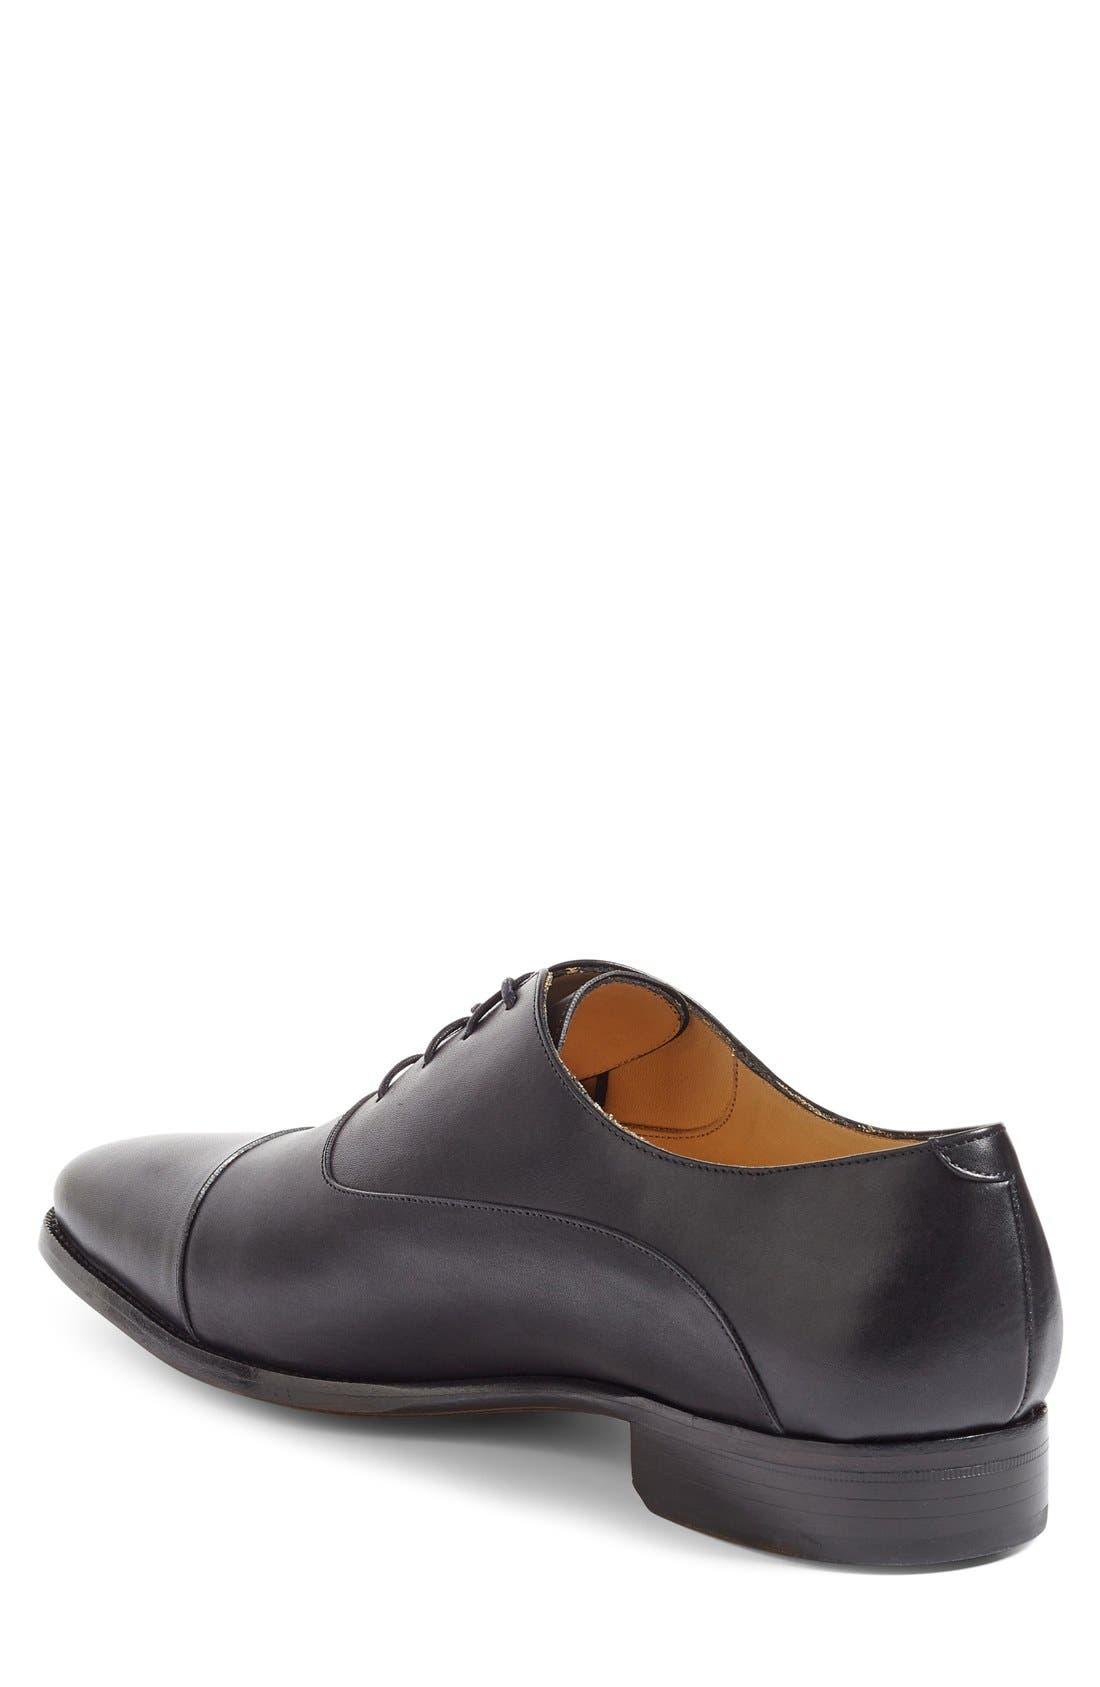 Joe Cap Toe Oxford,                             Alternate thumbnail 2, color,                             Black Leather